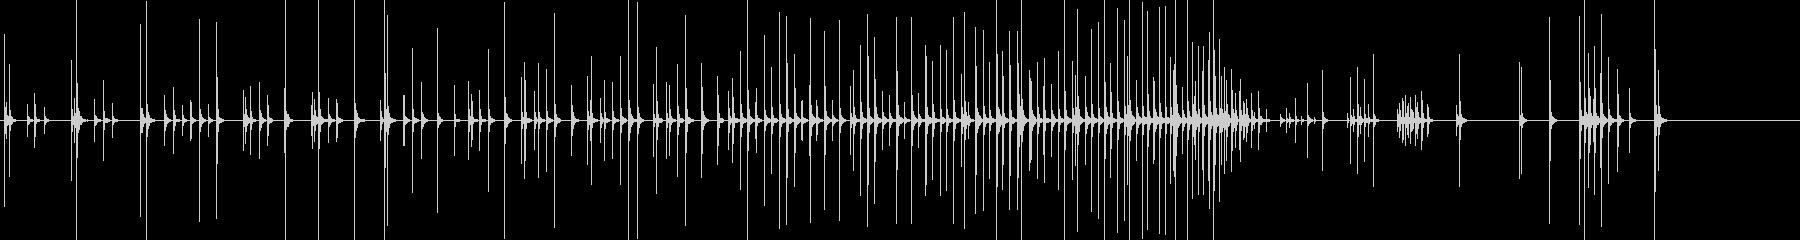 小木魚木章11歌舞伎黒御簾下座音楽和風日の未再生の波形